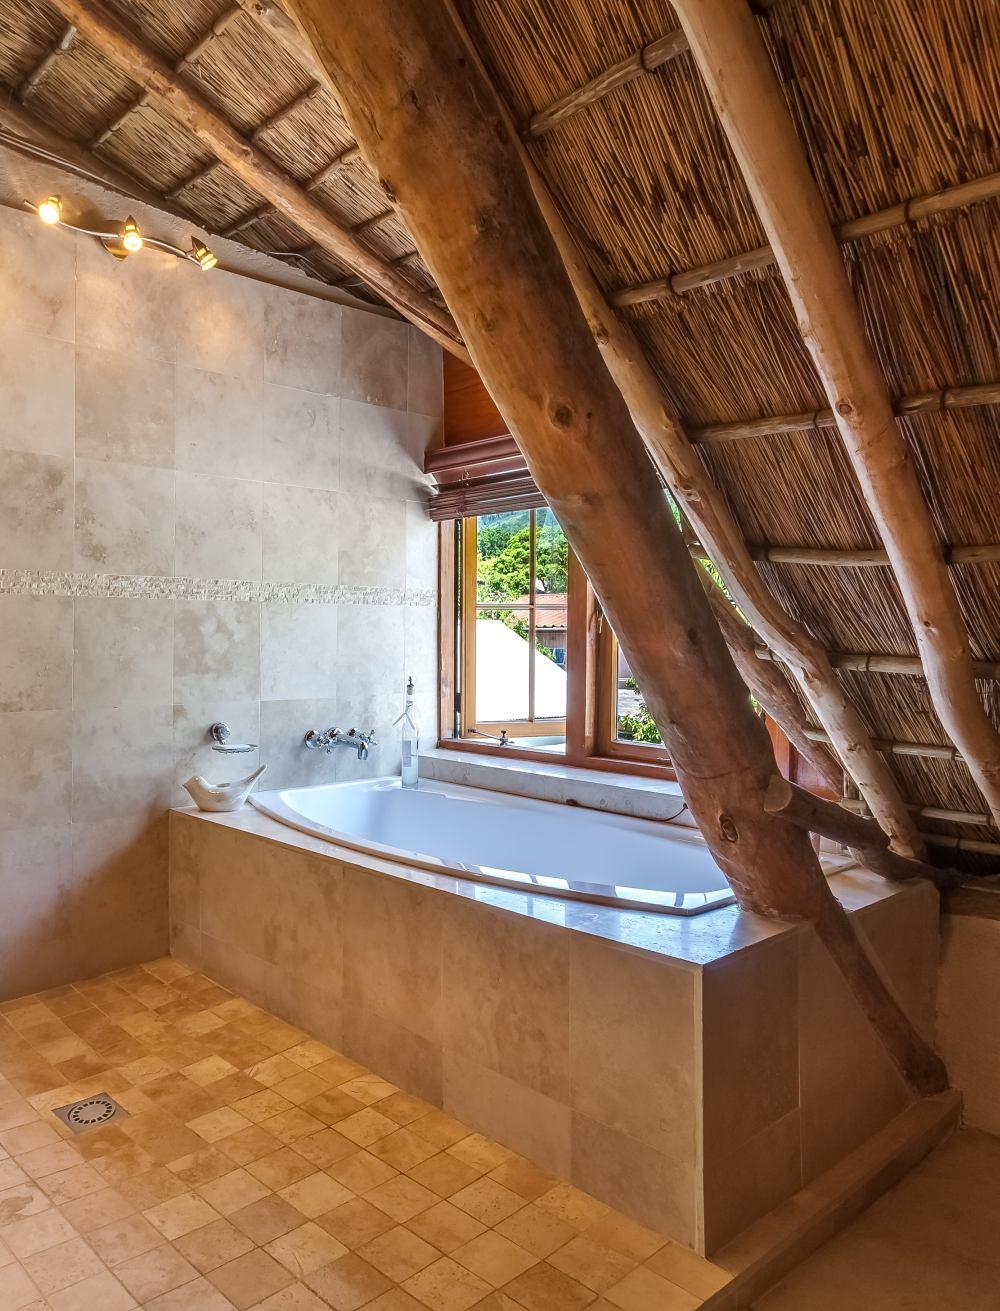 ванная комната с небольшой плиткой для пола, маленькая плитка на полу, вид плитки для ванной комнаты на полу